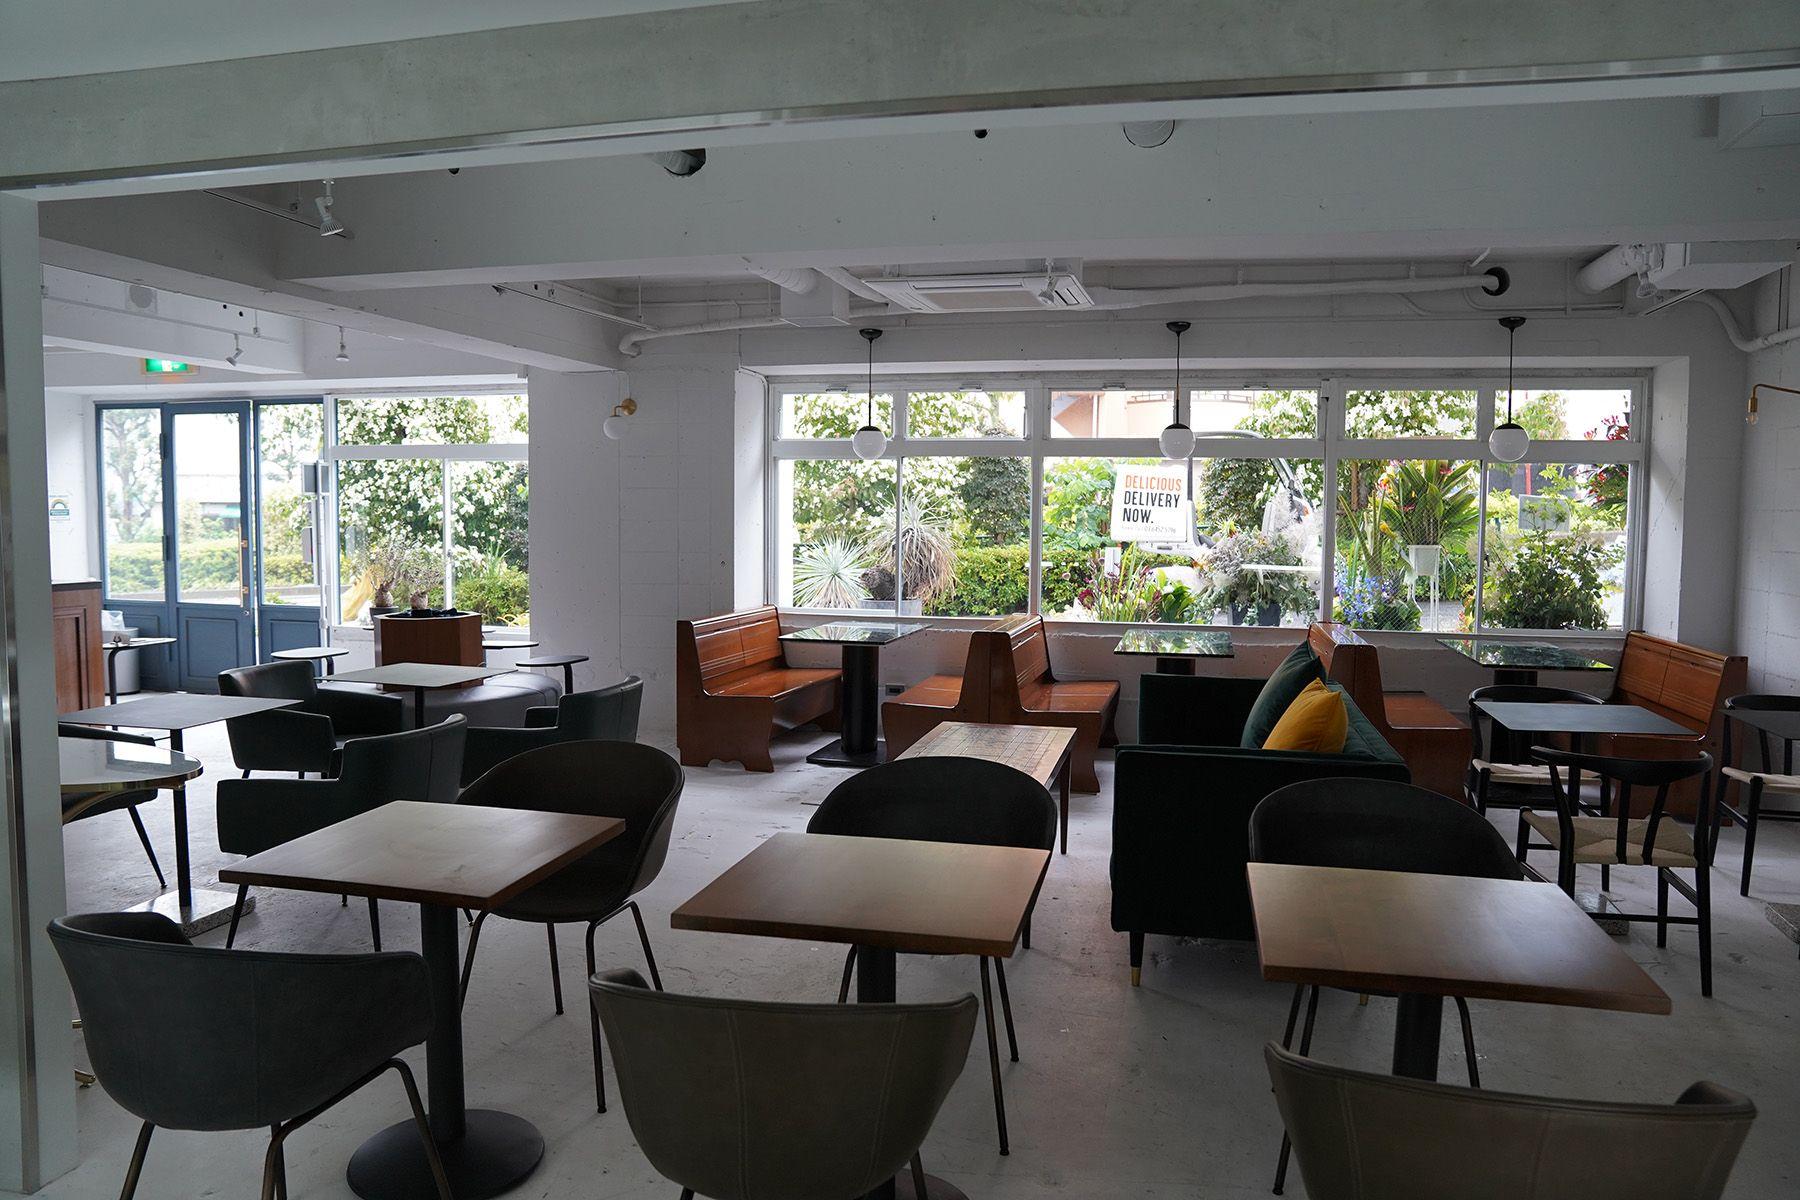 ANEA CAFÉ  松見坂/店舗 (アネアカフェ マツミザカ)壁一面窓のあかるい店内